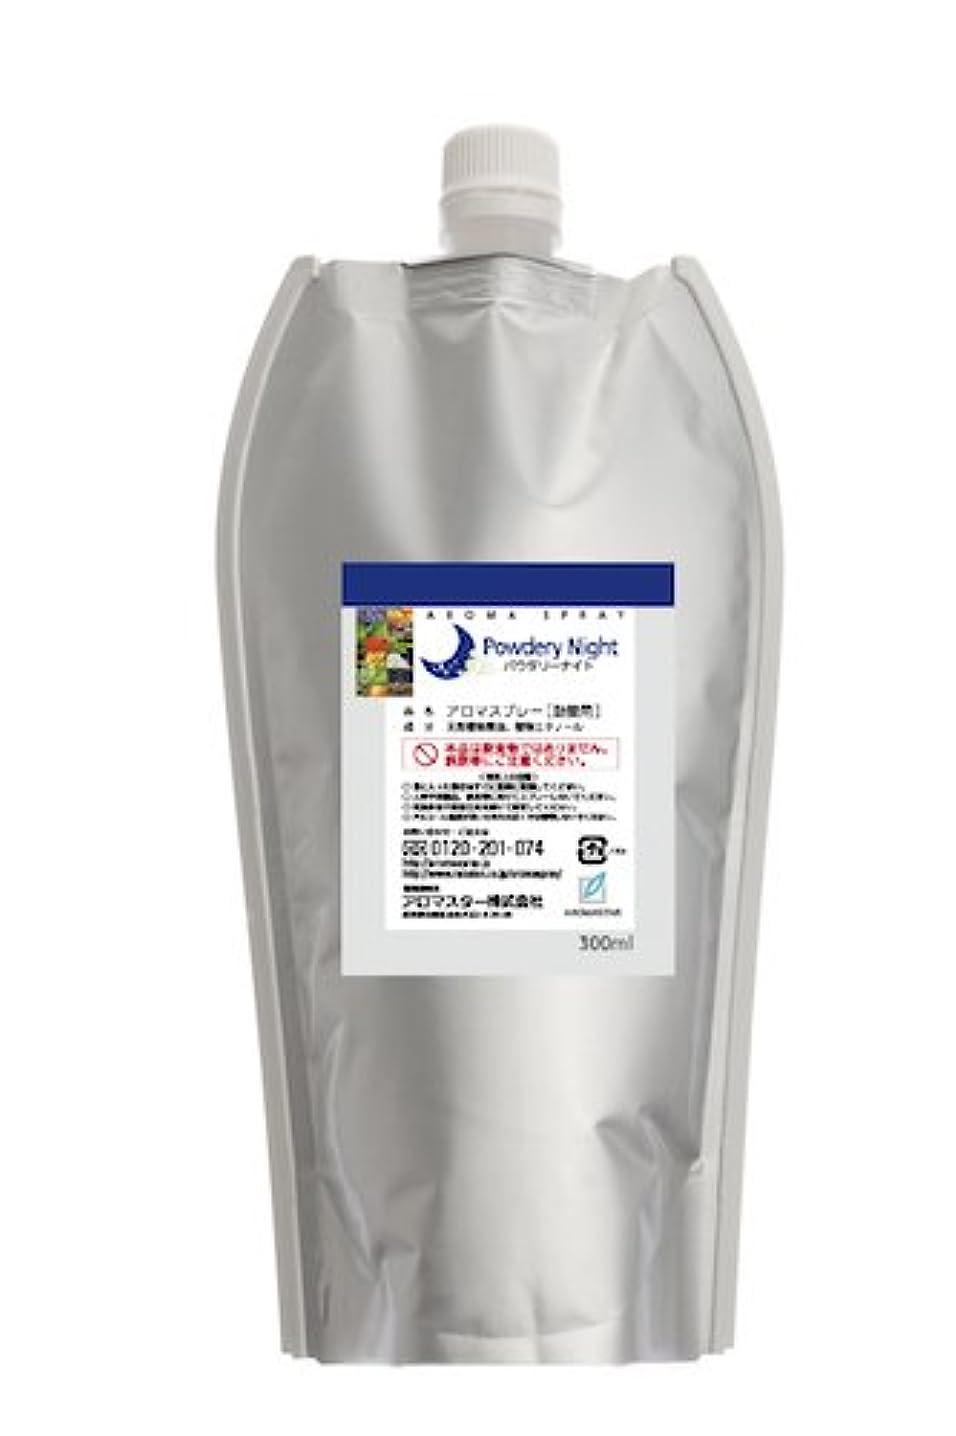 ハグ未知のマーキーAROMASTAR(アロマスター) アロマスプレー パウダリーナイト 300ml詰替用(エコパック)